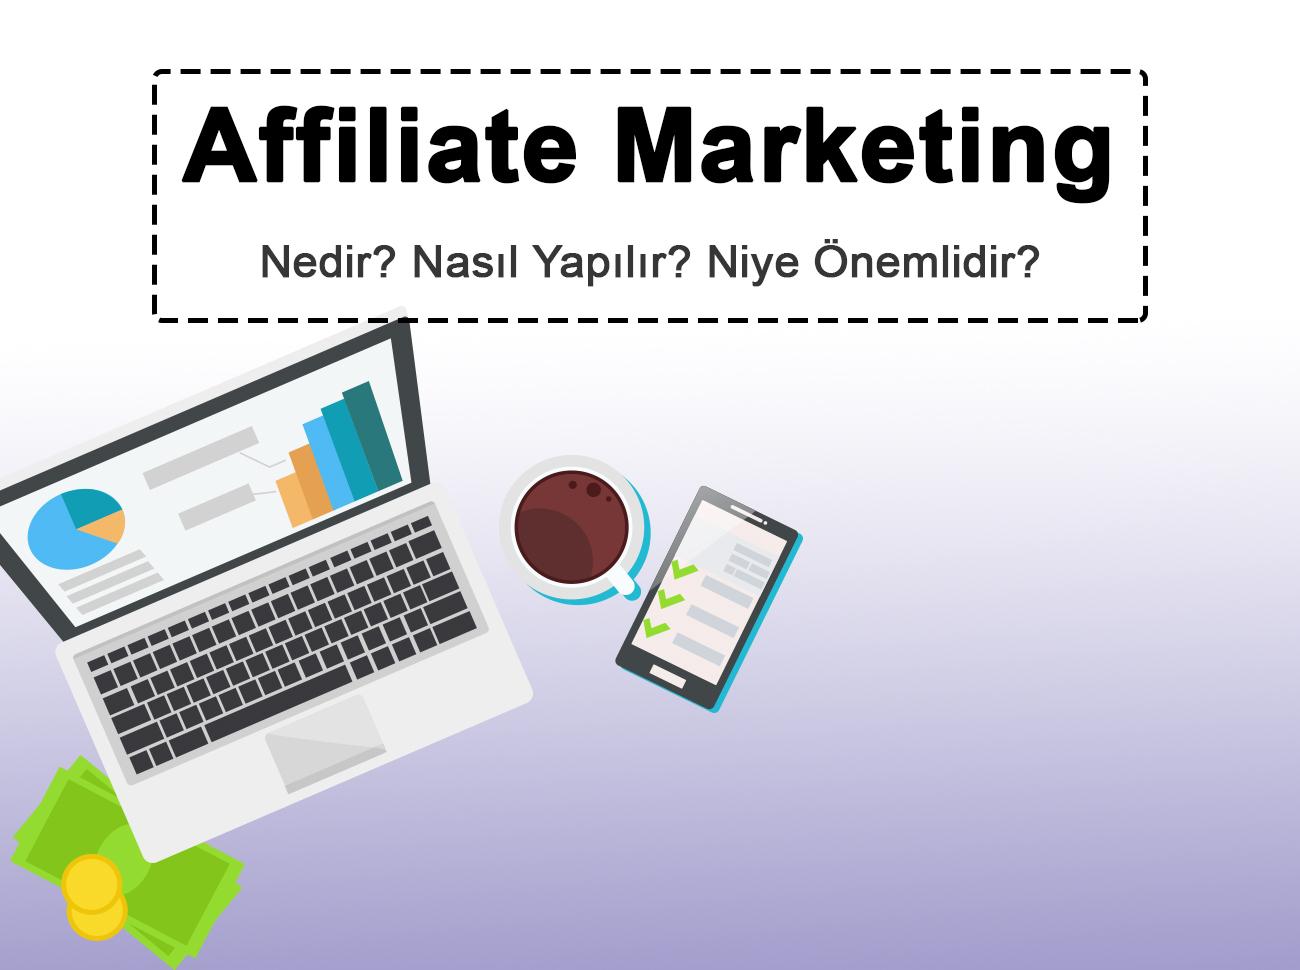 Affiliate Marketing Nedir? Nasıl Yapılır? Niye Önemlidir?